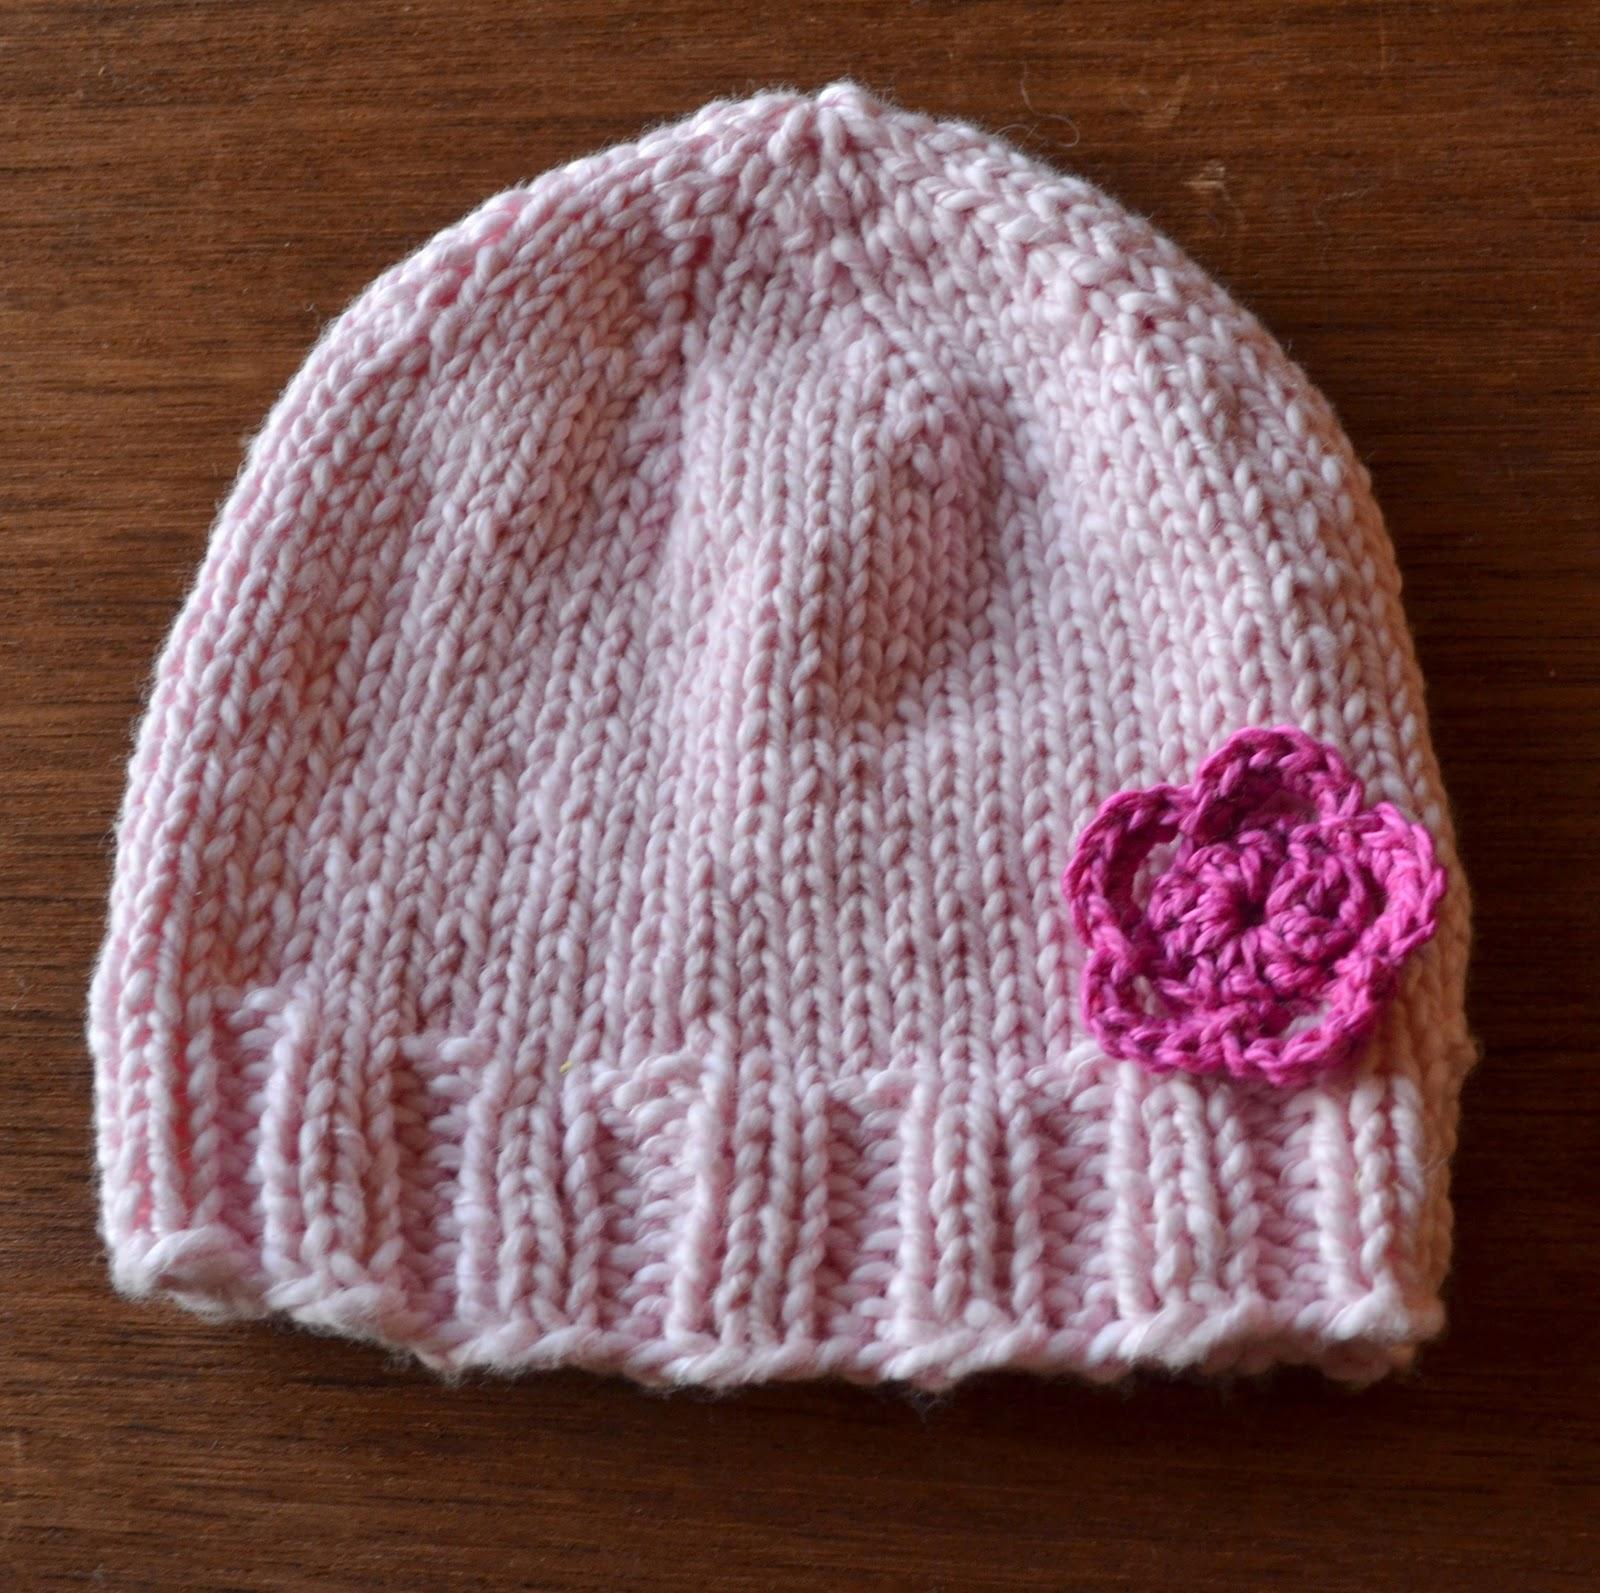 Field Wonderful Flower Baby Hat And A Little Crochet